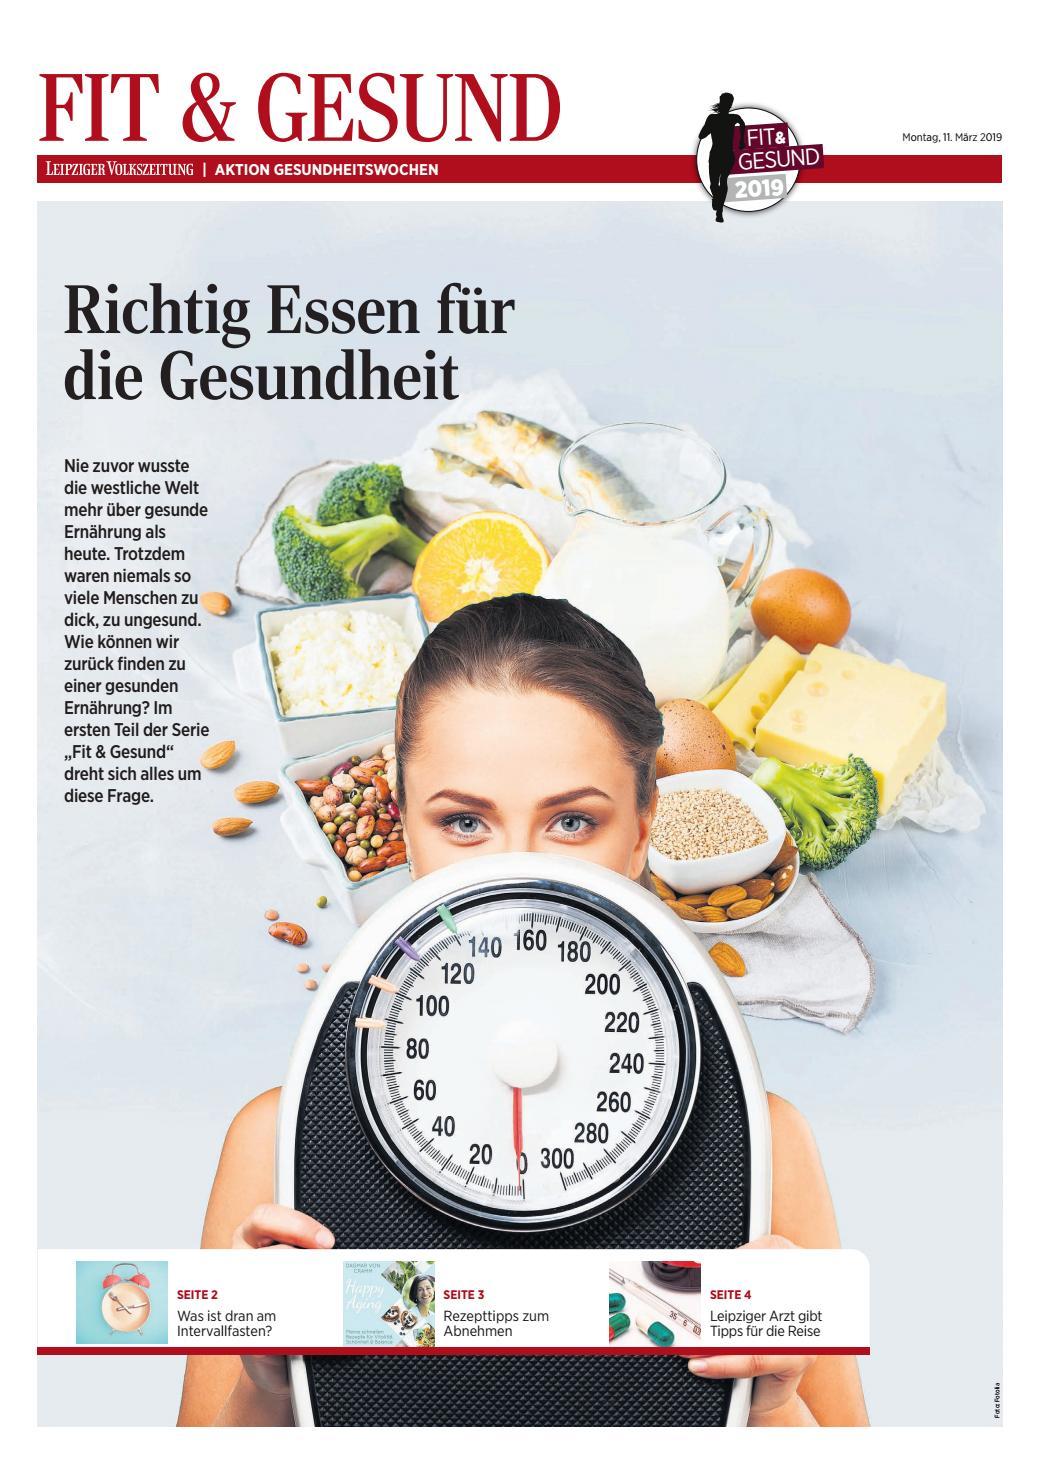 Wöchentliche Diät für Diabetiker 1500 Kalorien